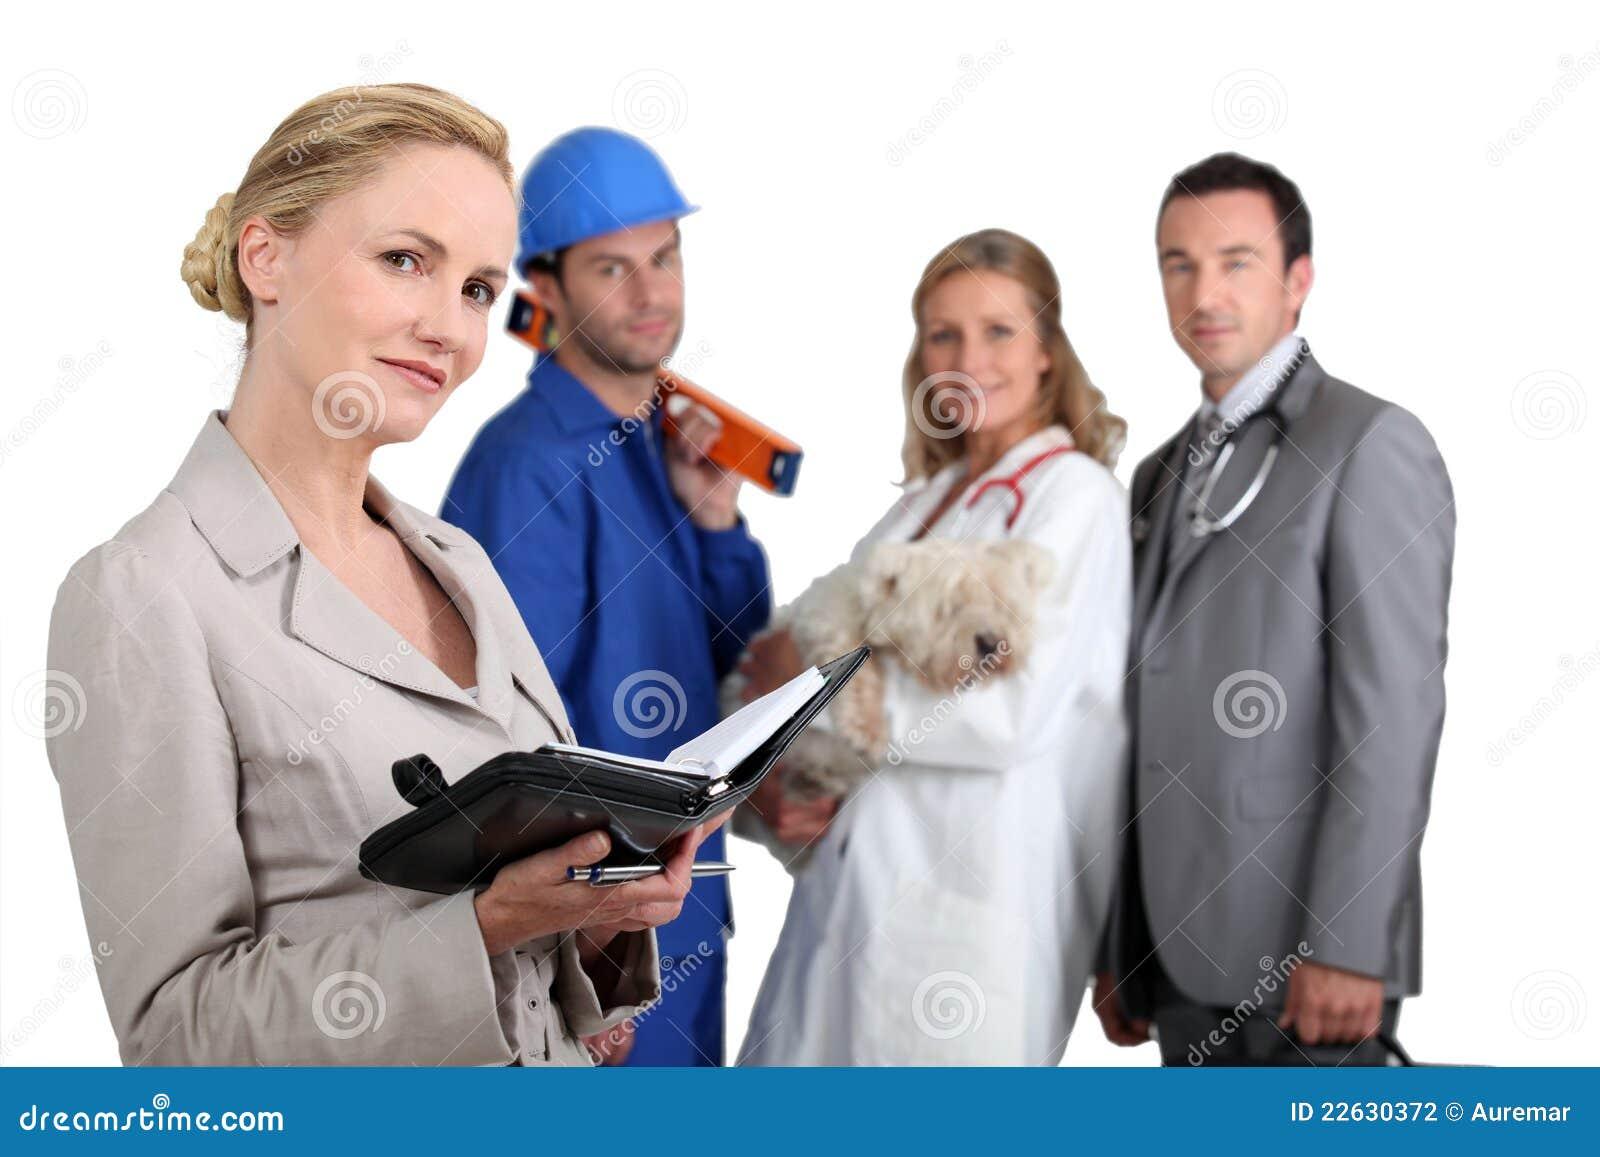 Mensen van verschillende werkgelegenheidsachtergronden